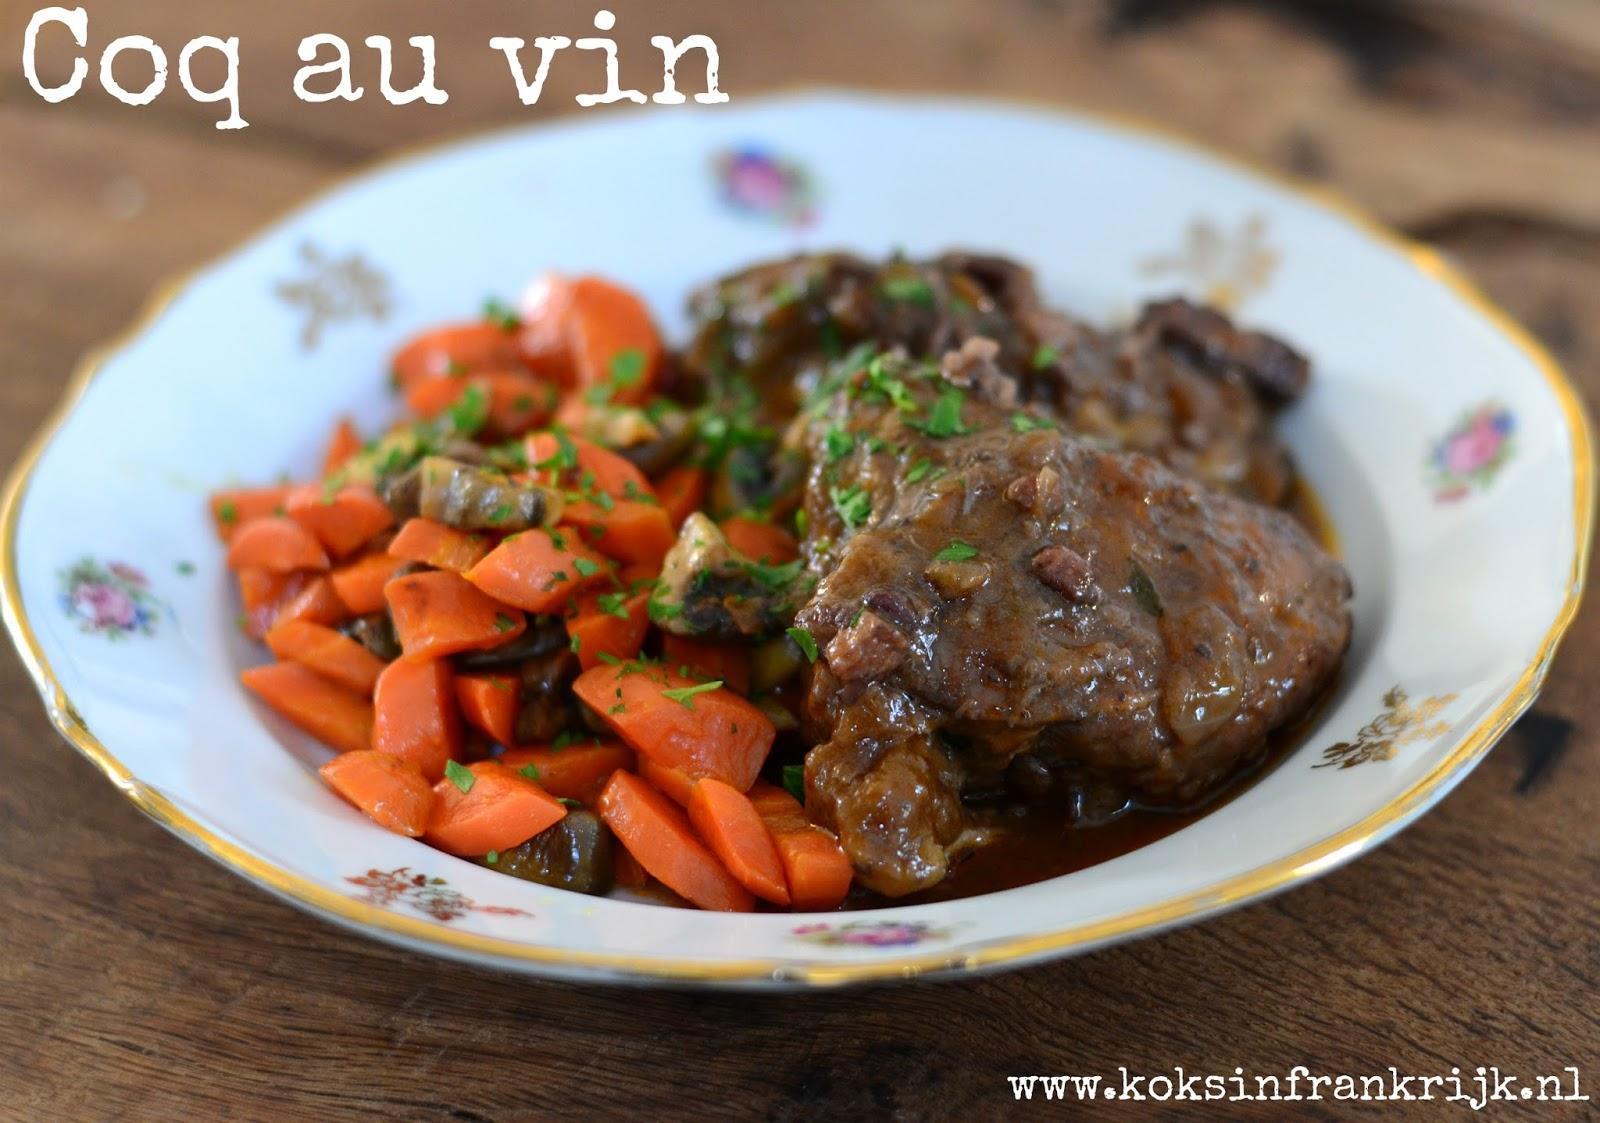 Franse klassiekers: recept voor coq au vin